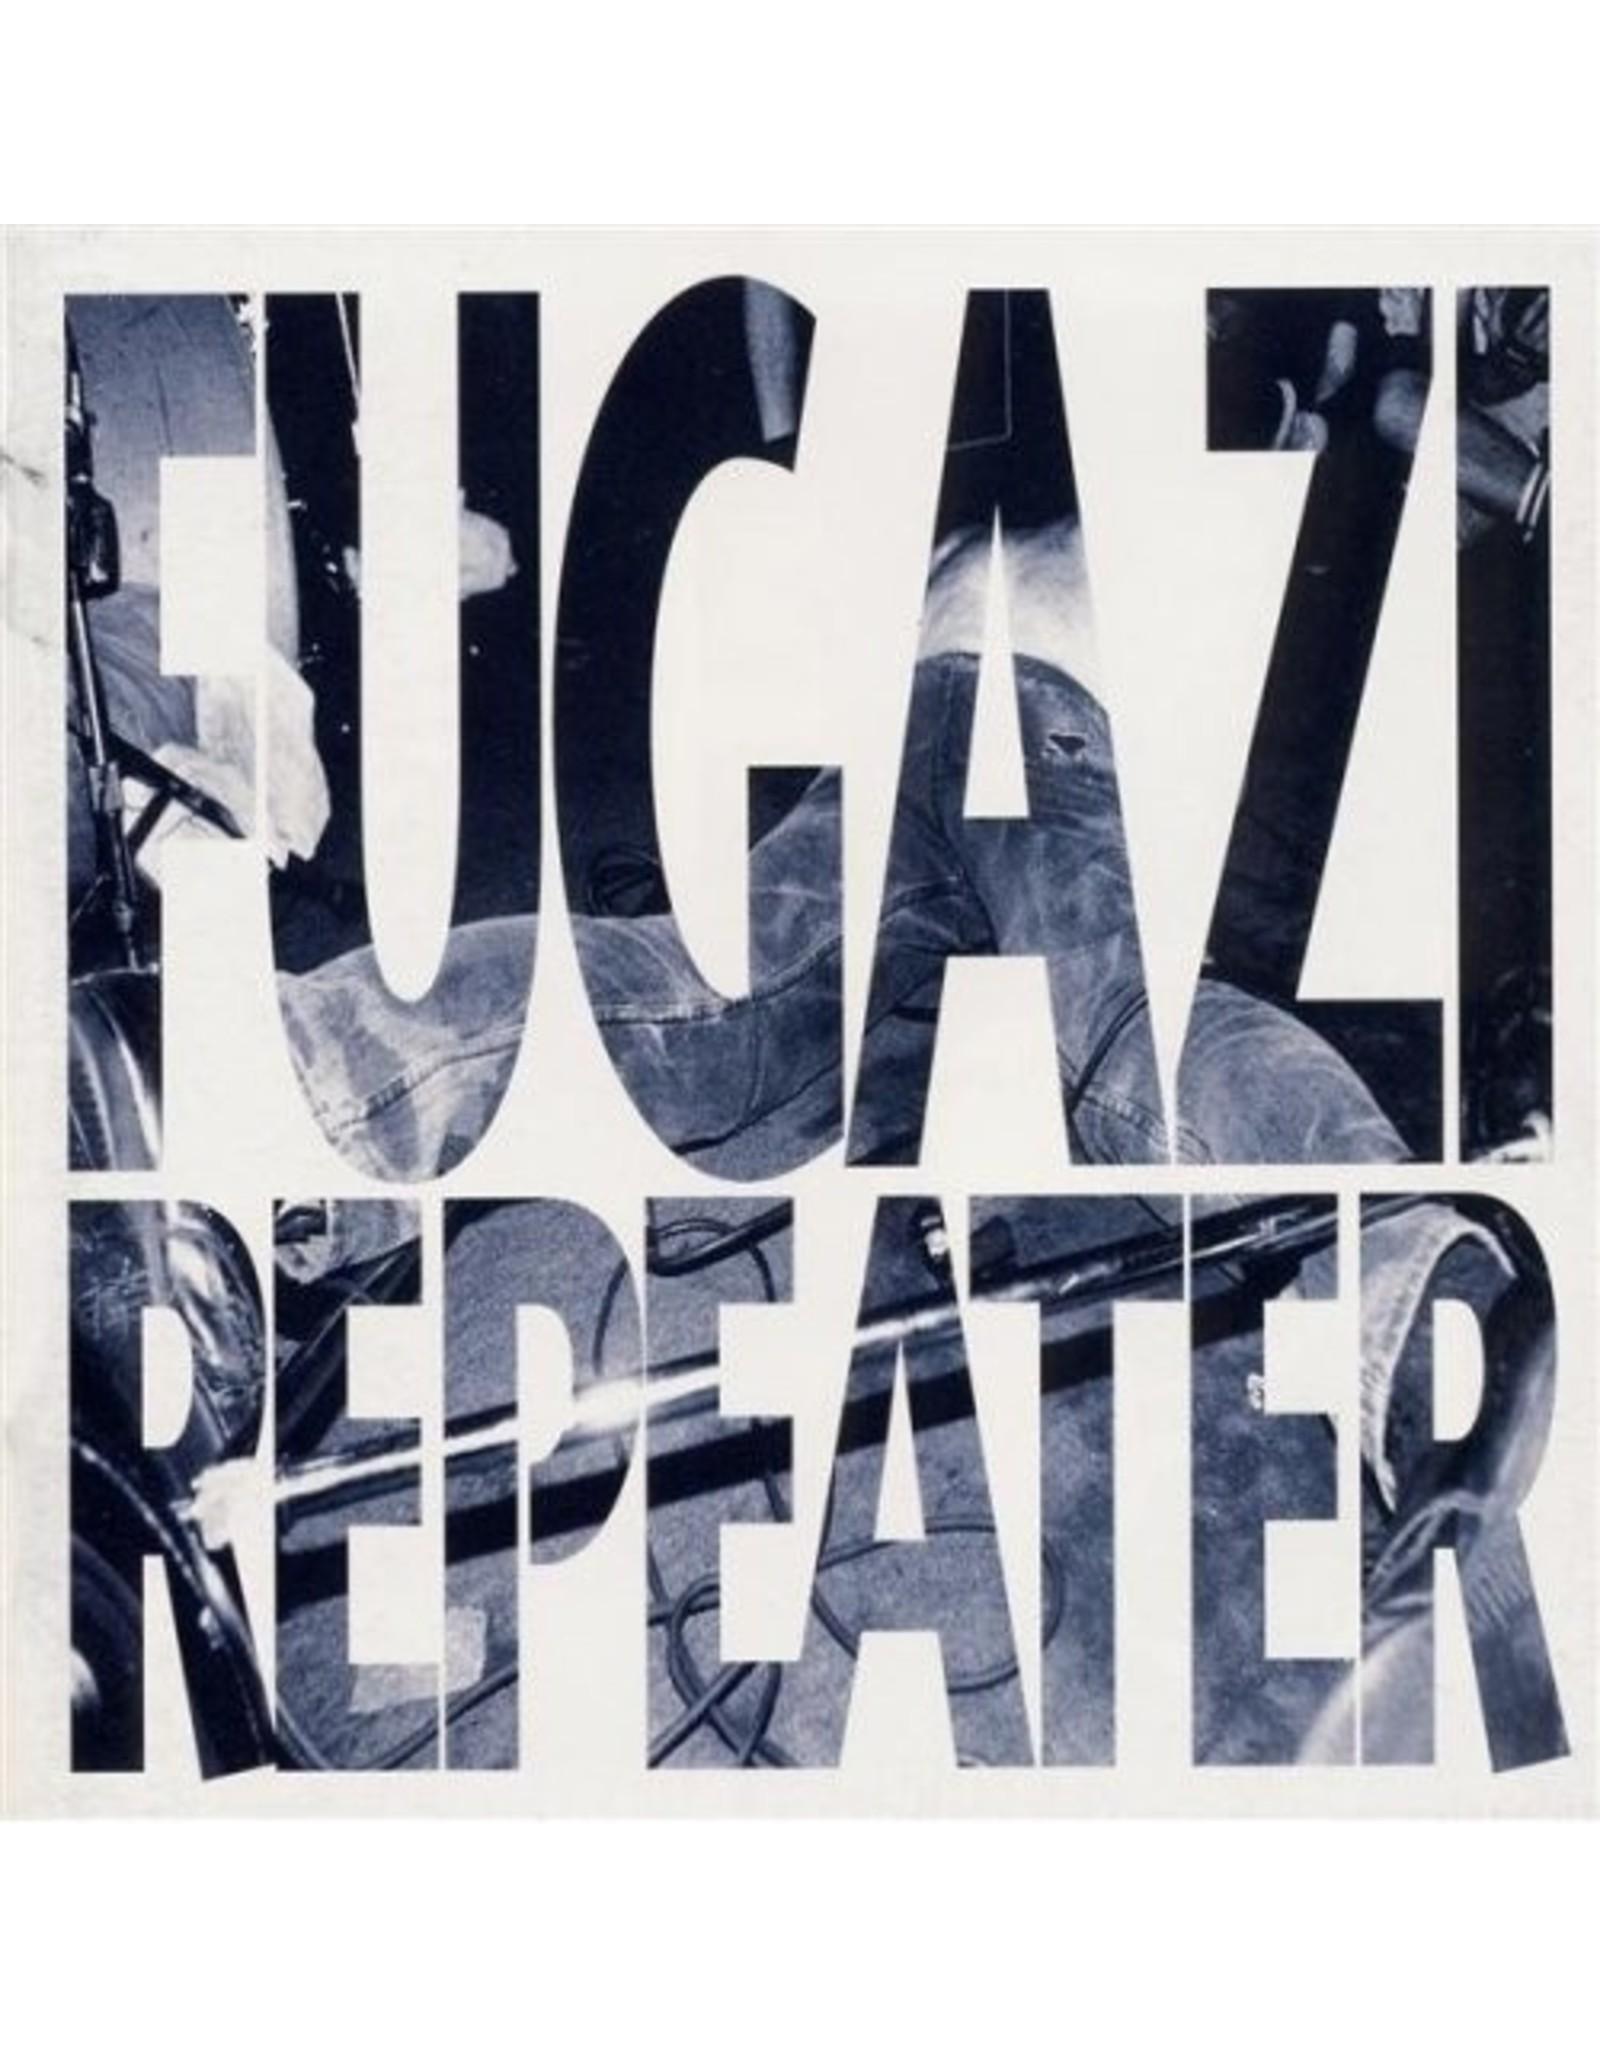 New Vinyl Fugazi - Repeater LP